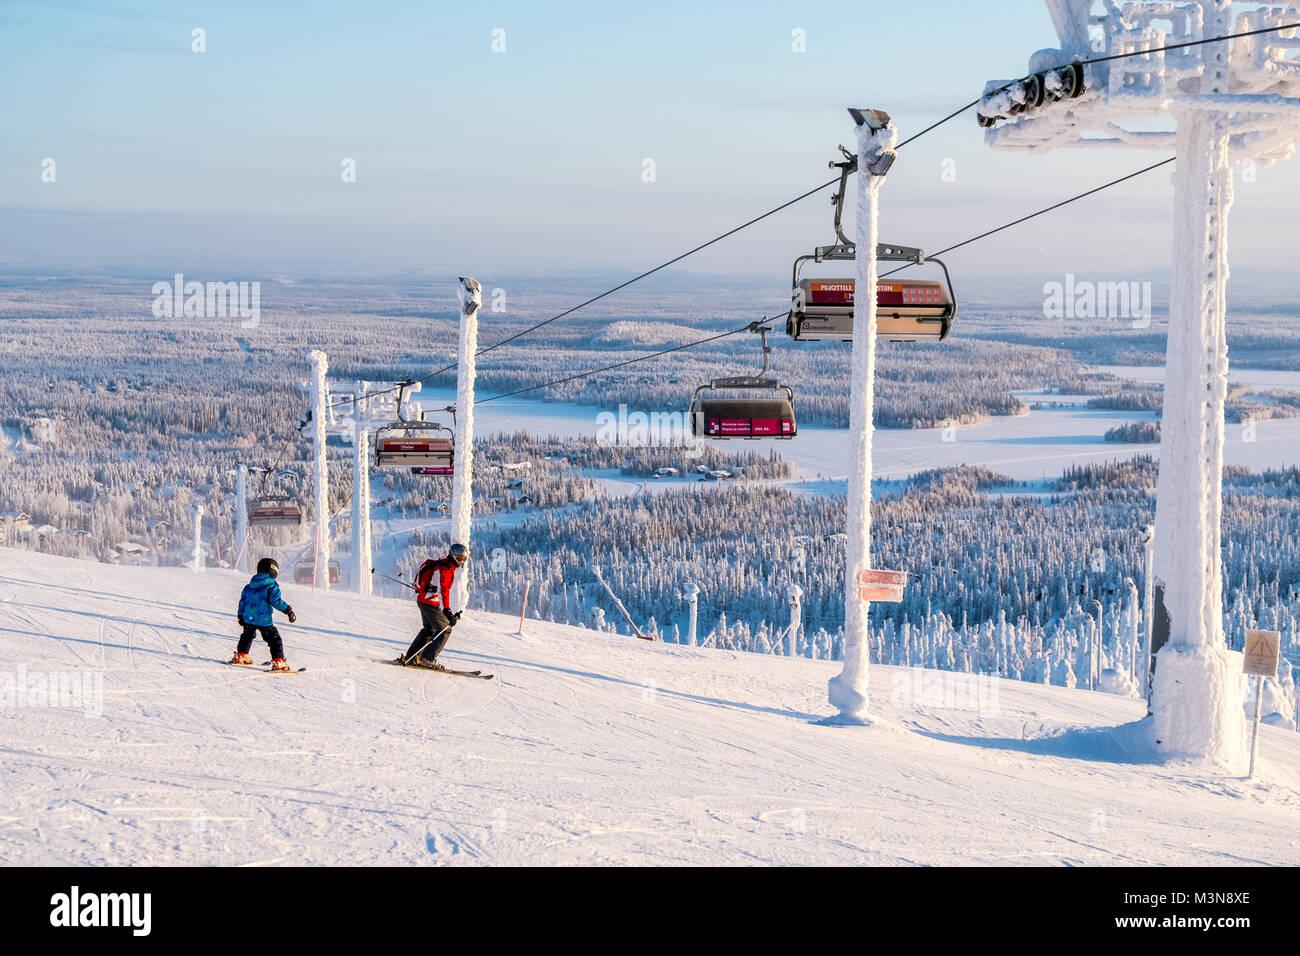 Gli sciatori sulle piste presso la stazione sciistica di Ruka in Finlandia Immagini Stock